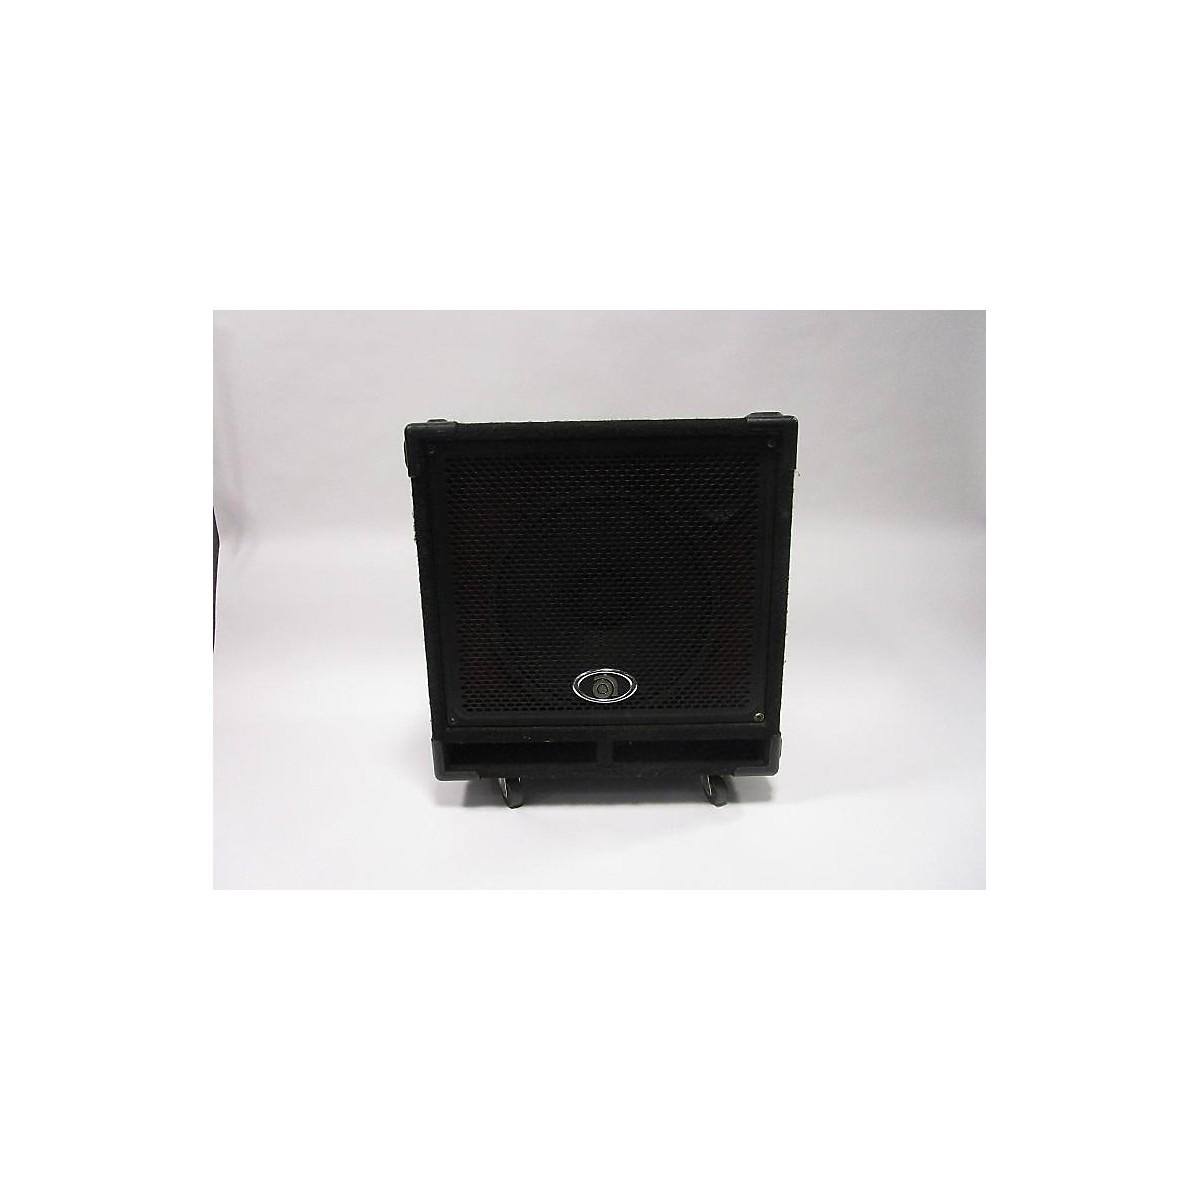 Ampeg Bxt115hl4 Bass Cabinet